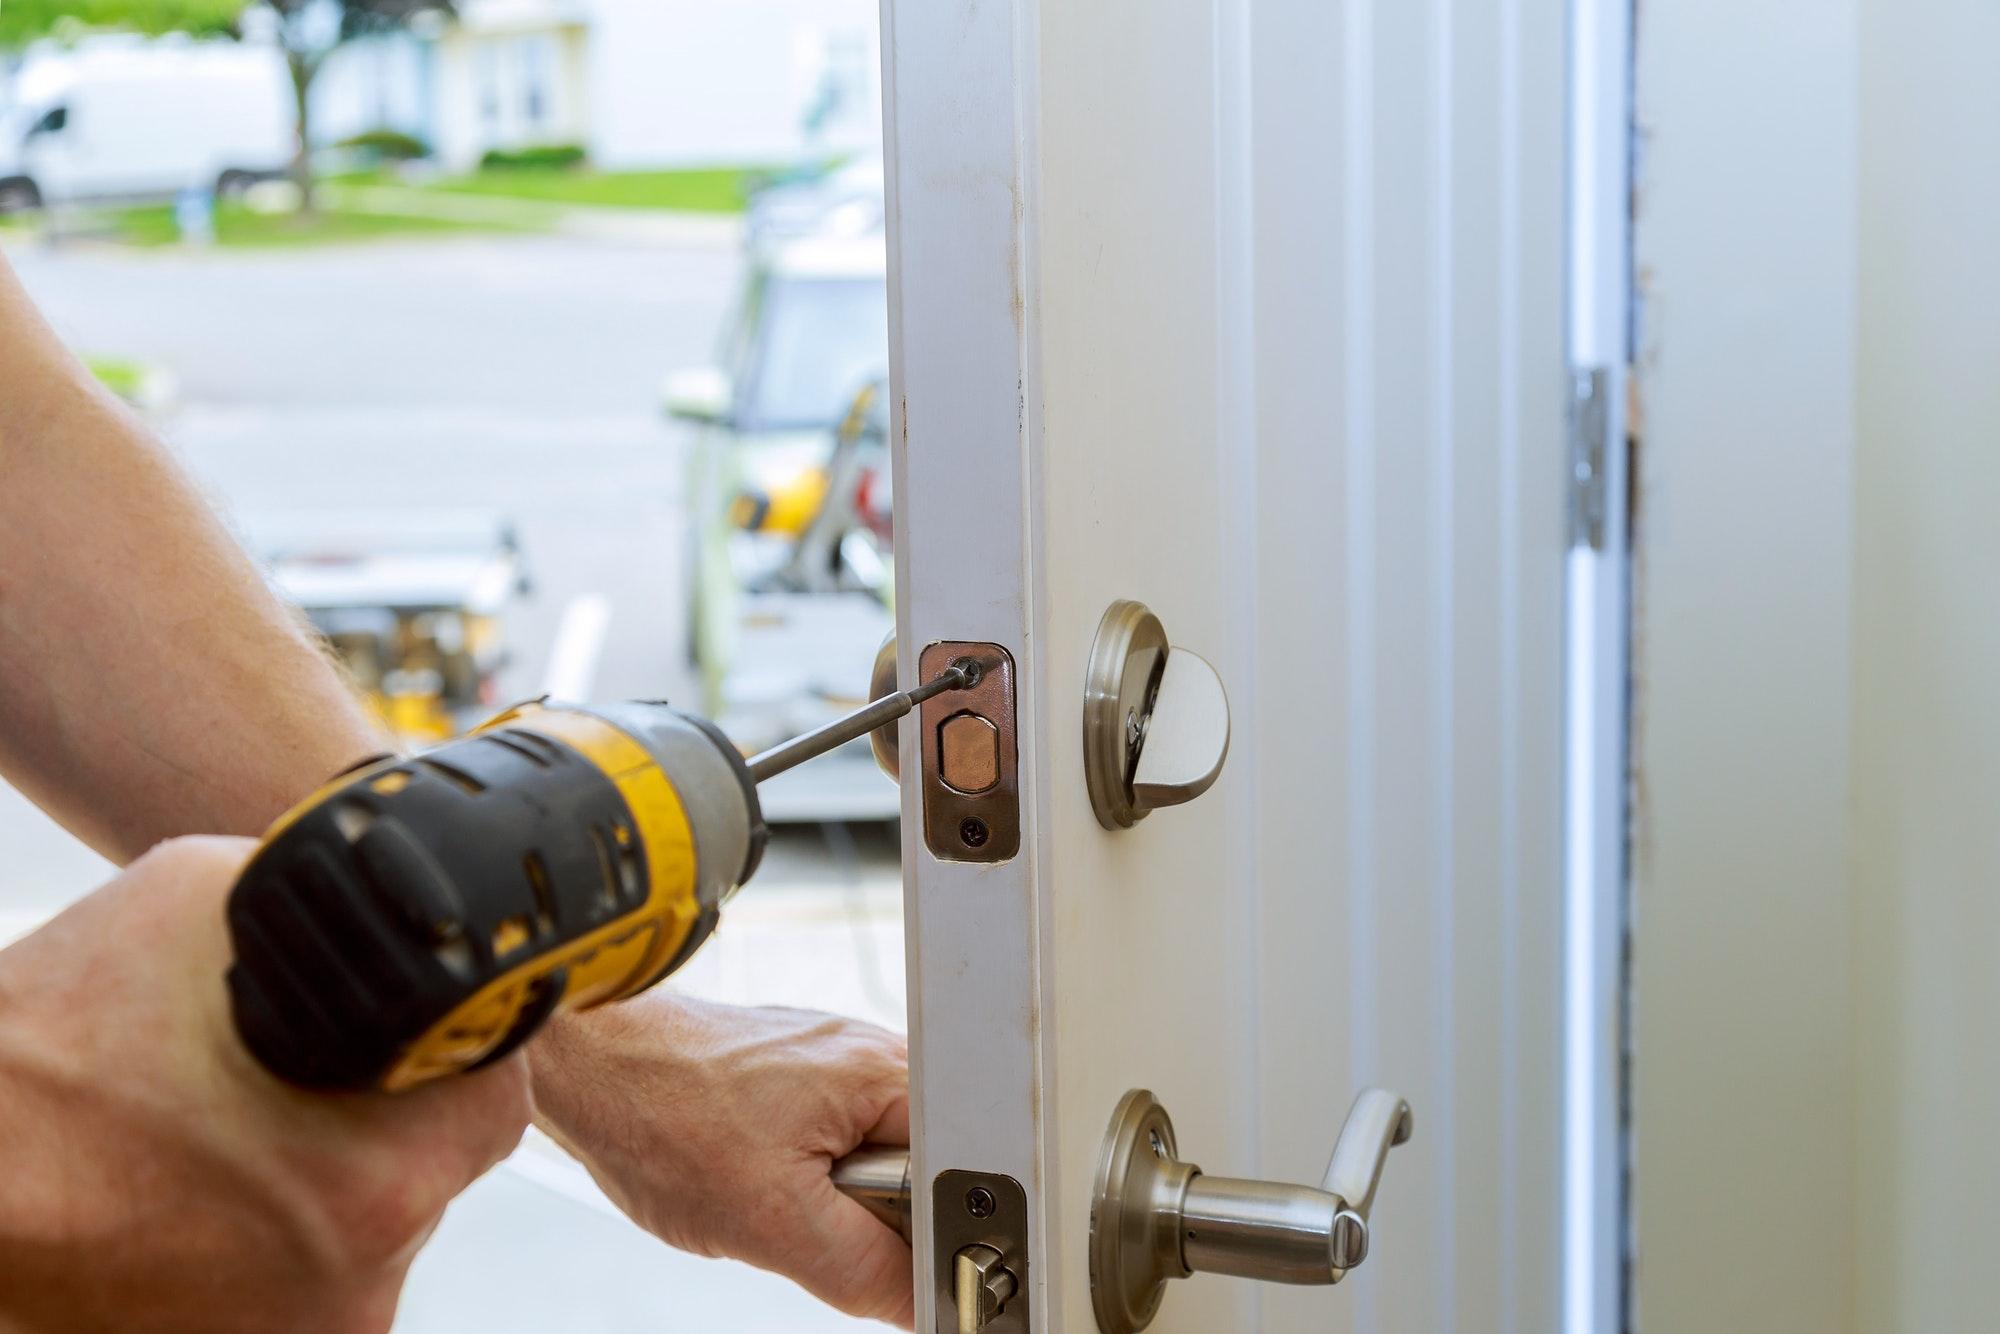 Låsesmed Ishøj - Låste ude? brug for indbrudssikring? Eller ny lås? Ring vores låsesmed Ishøj på telefon 77 32 22 22 billige priser - Ingen kø